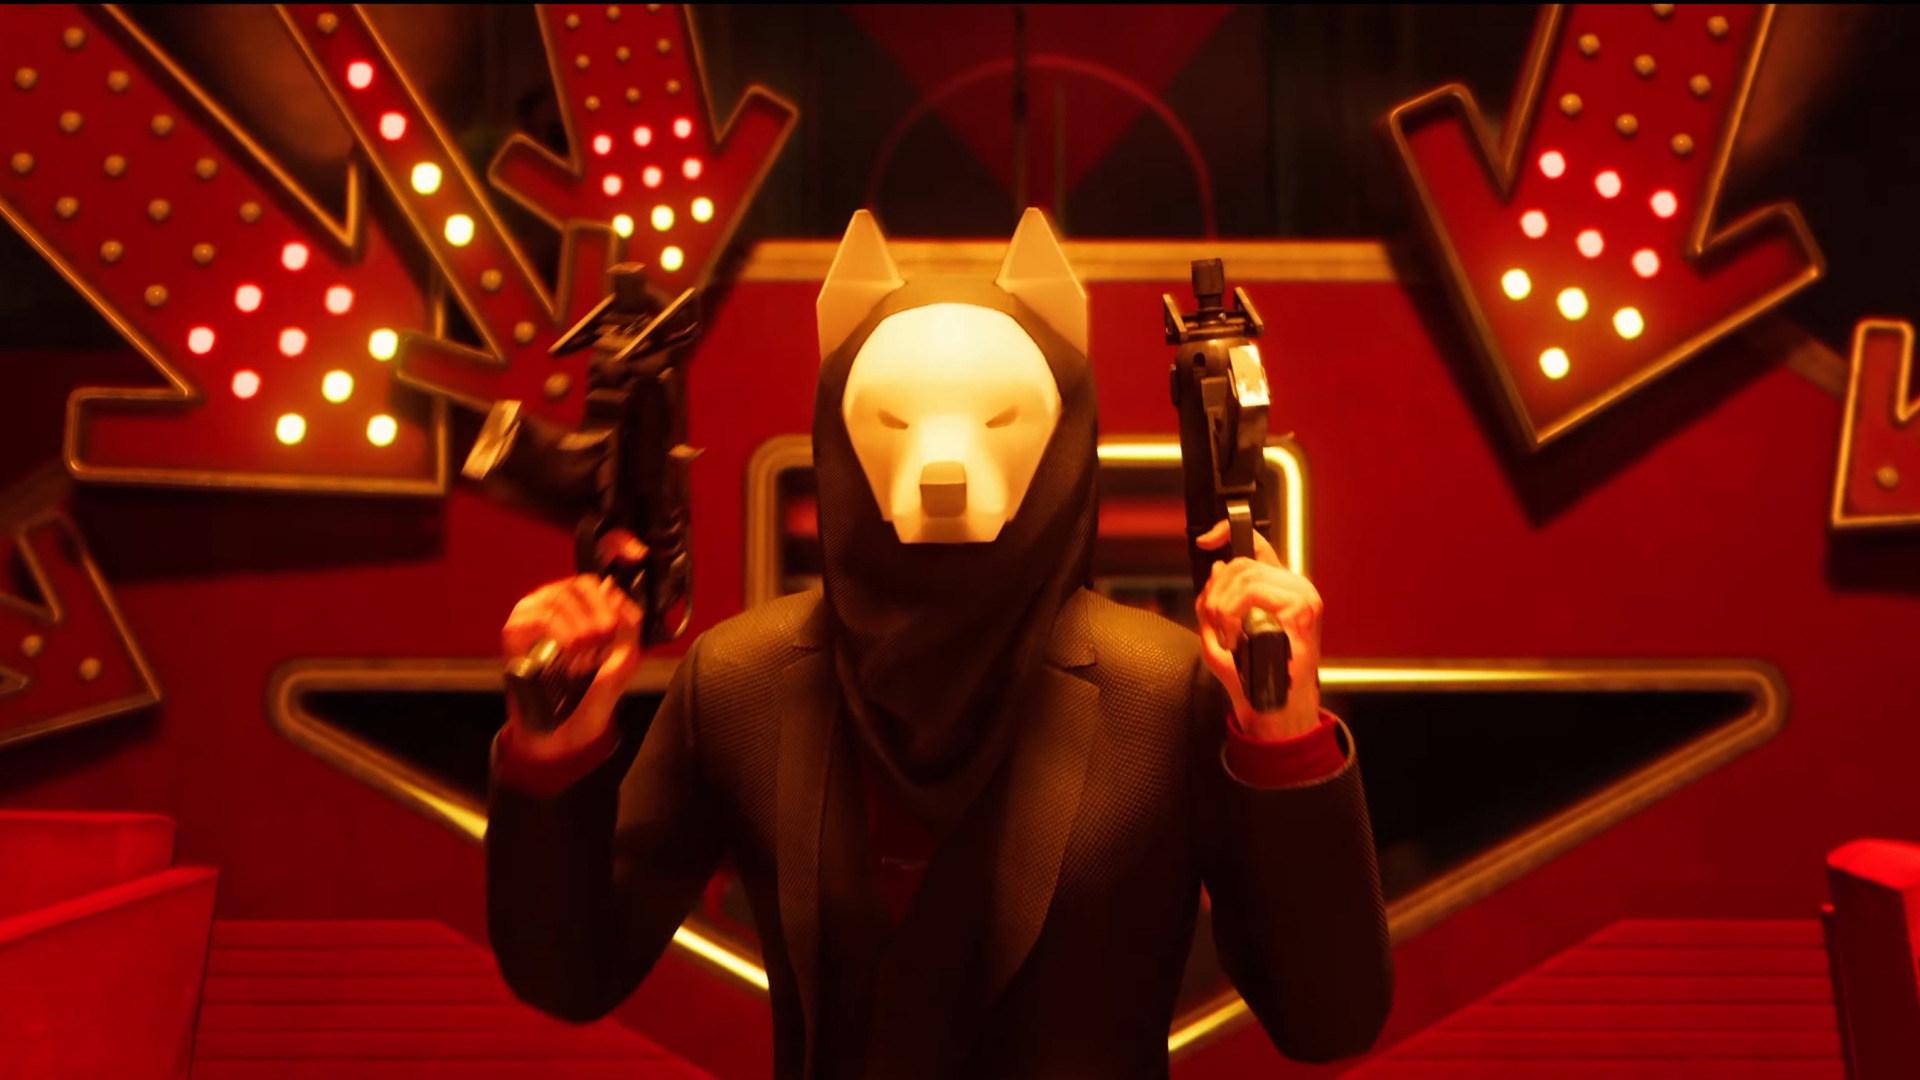 Trailer, Ego-Shooter, Shooter, Bethesda, Bethesda Softworks, Deathloop, Arkane Studios